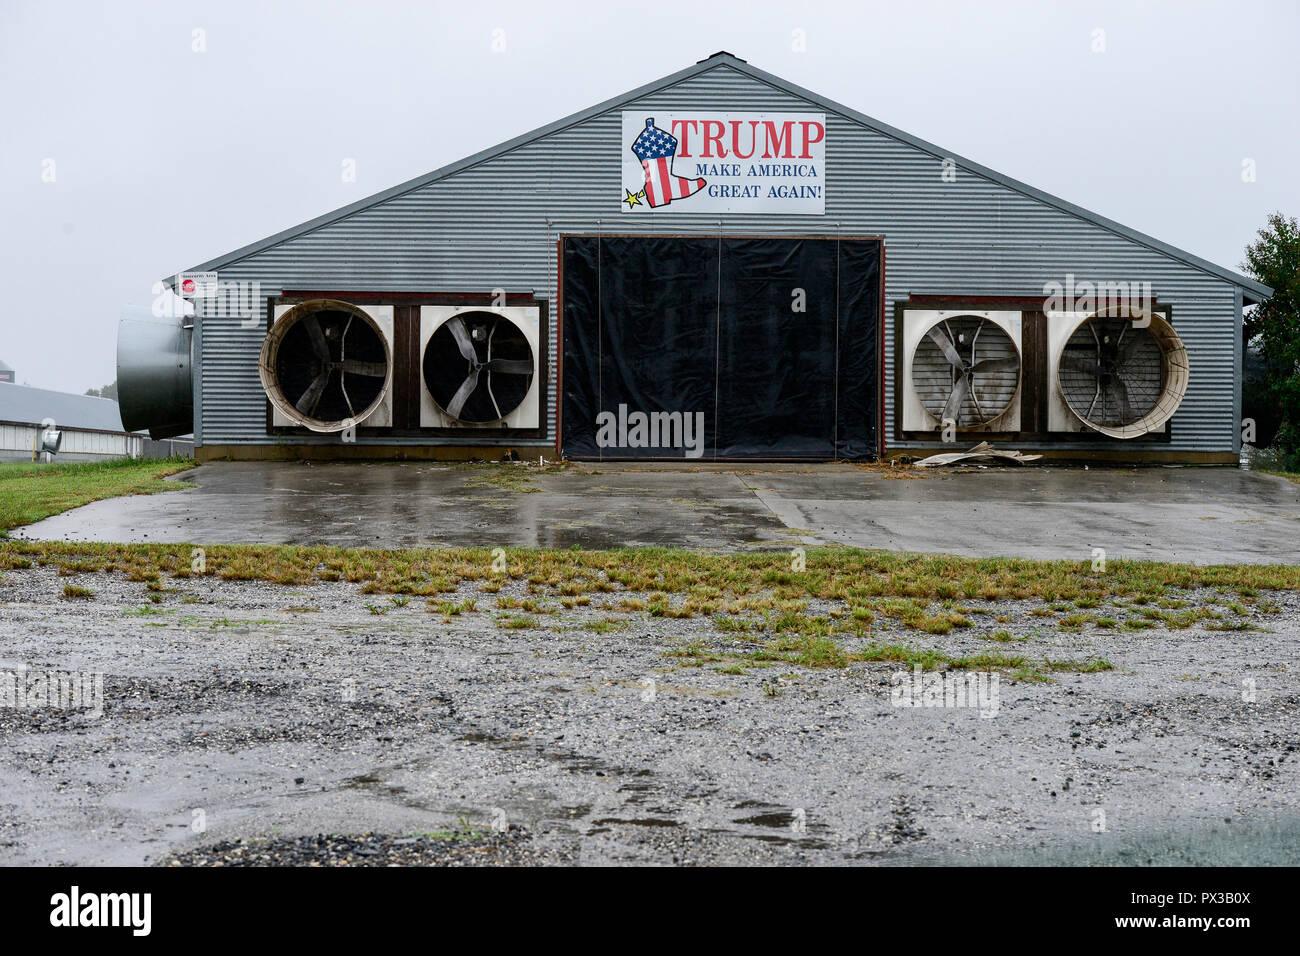 USA, Virginie, Donald Trump, banner Faire Nord Grand Nouveau à stable de porc Photo Stock